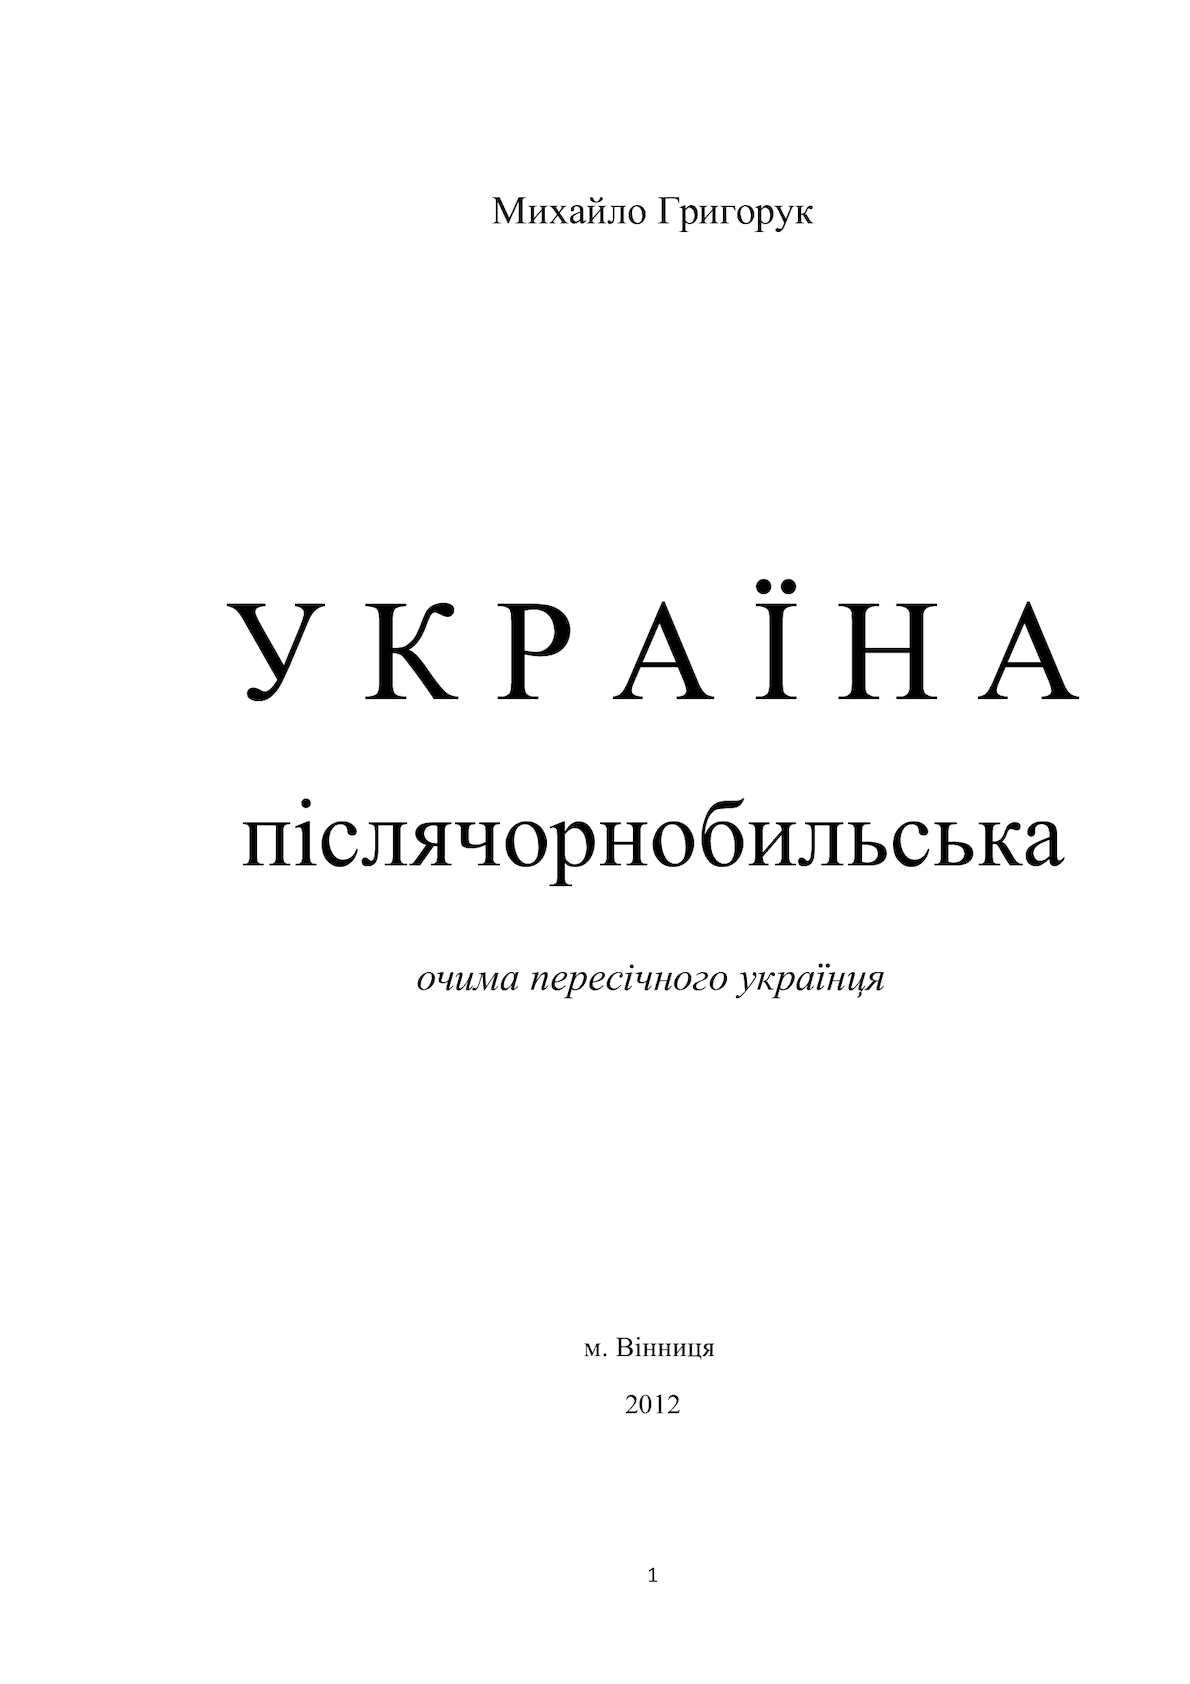 М. Григорук Україна післячорнобильська. ч 1